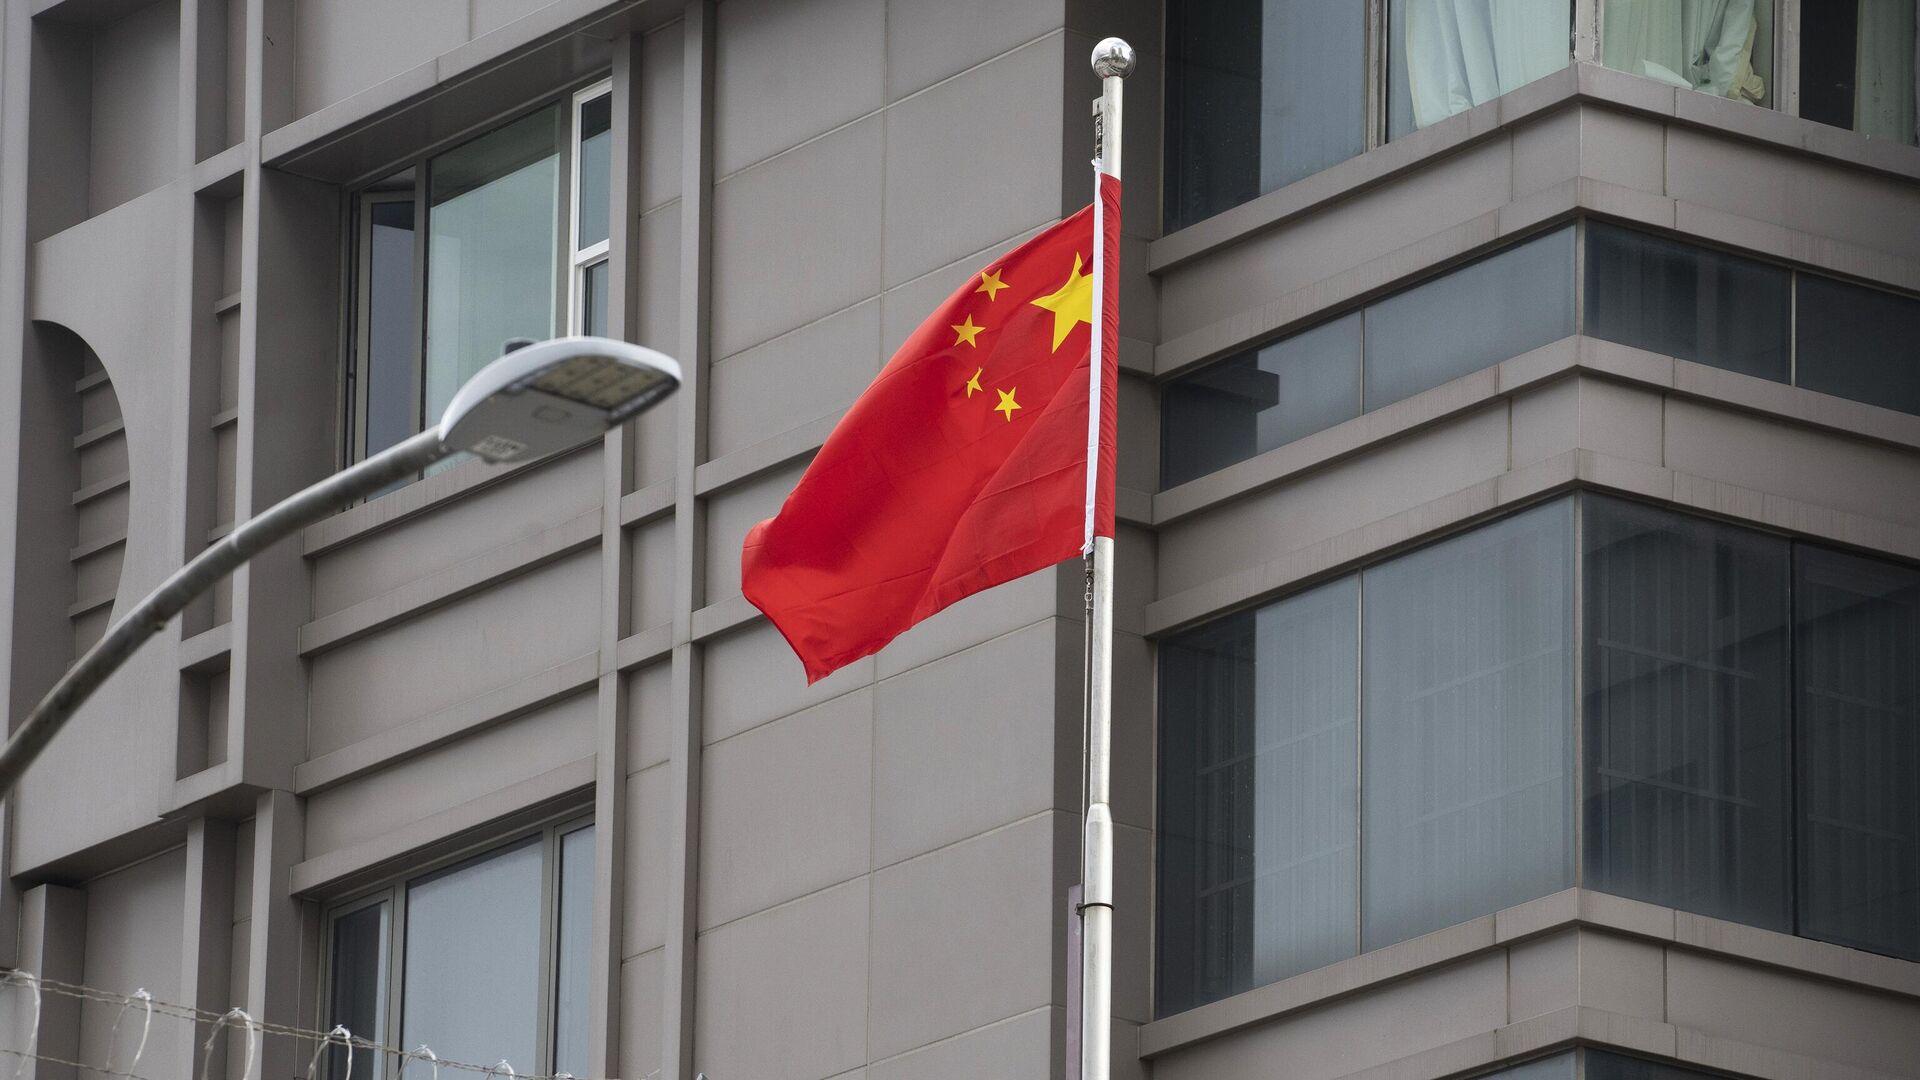 Генеральное консульство КНР в Хьюстоне - РИА Новости, 1920, 13.06.2021